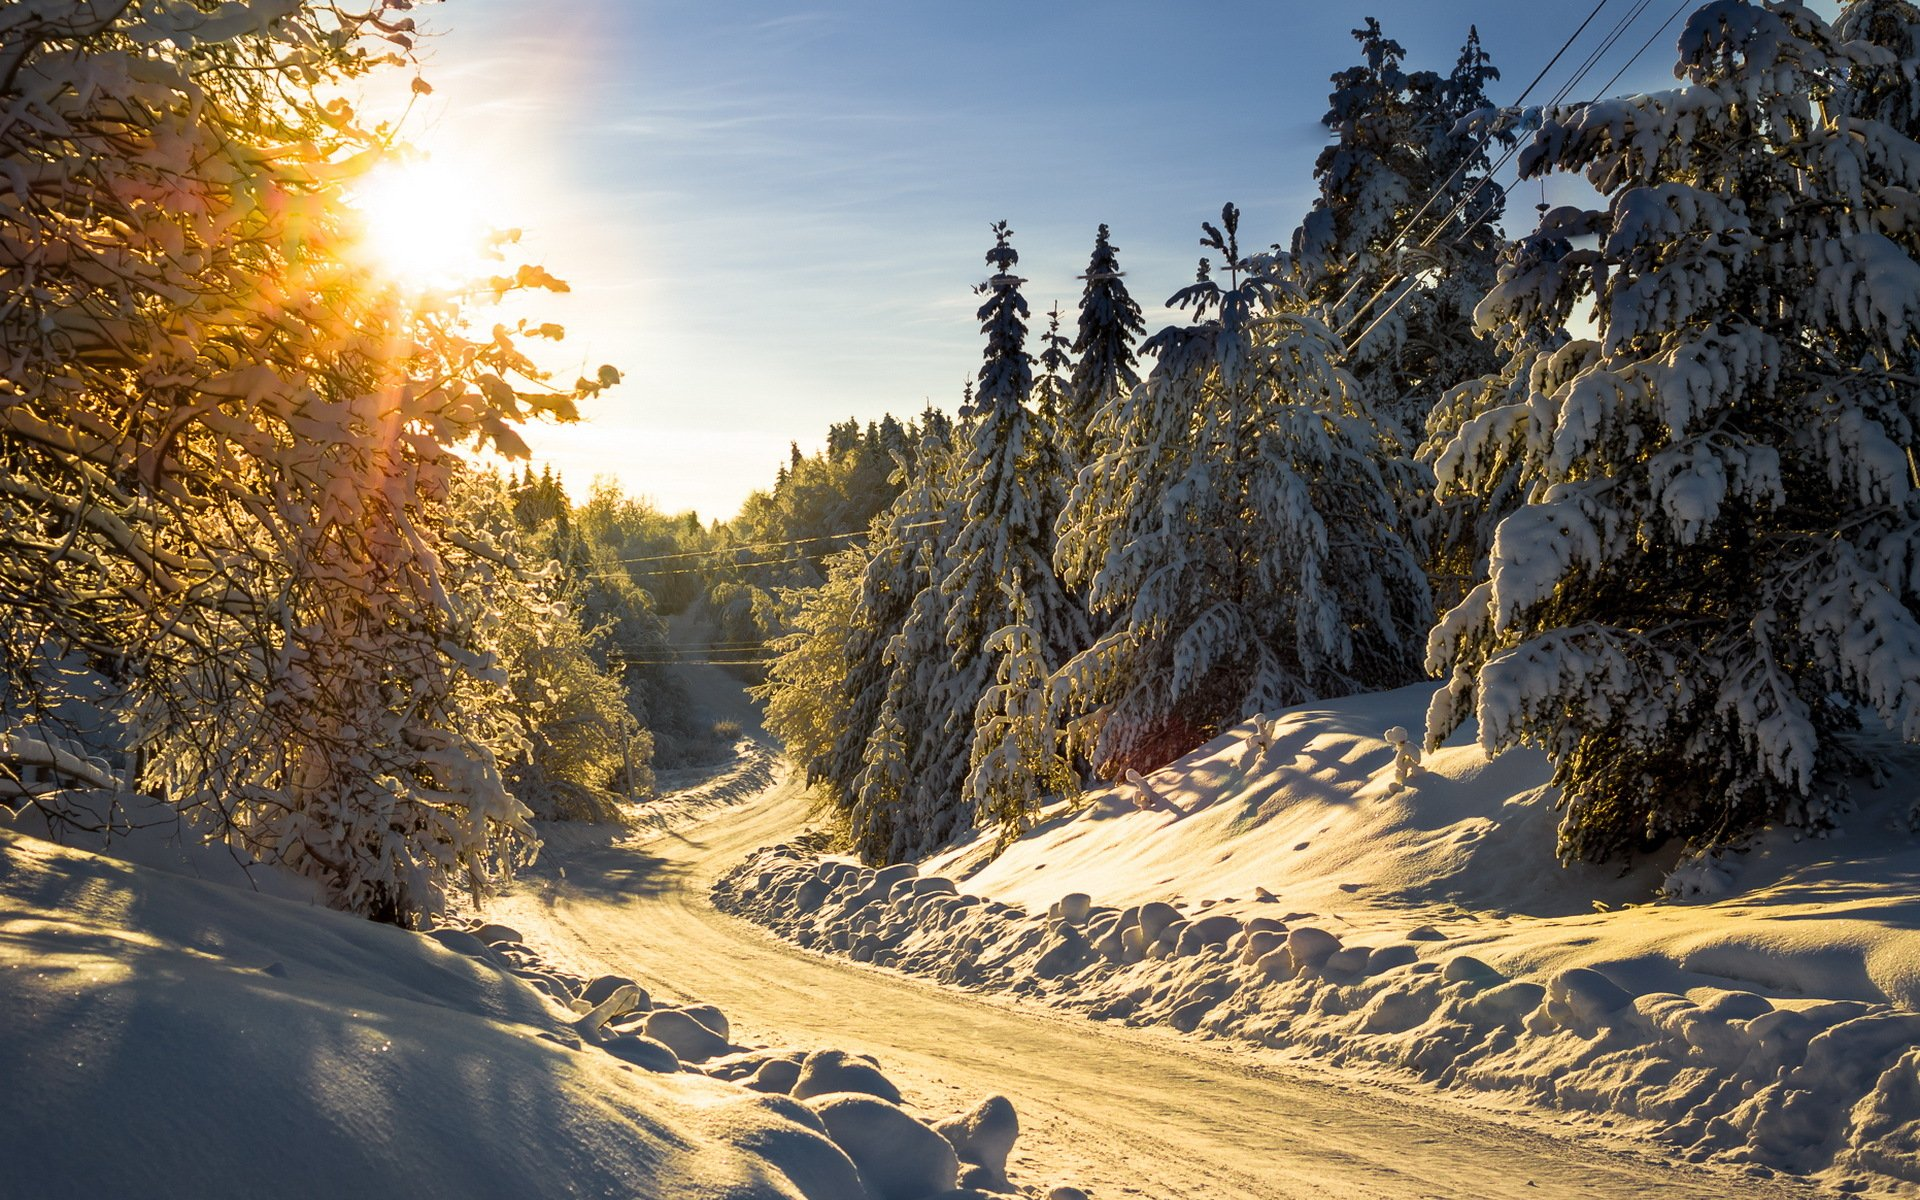 зимний пейзаж фото высокого разрешения рассматривалась возможность вернуть